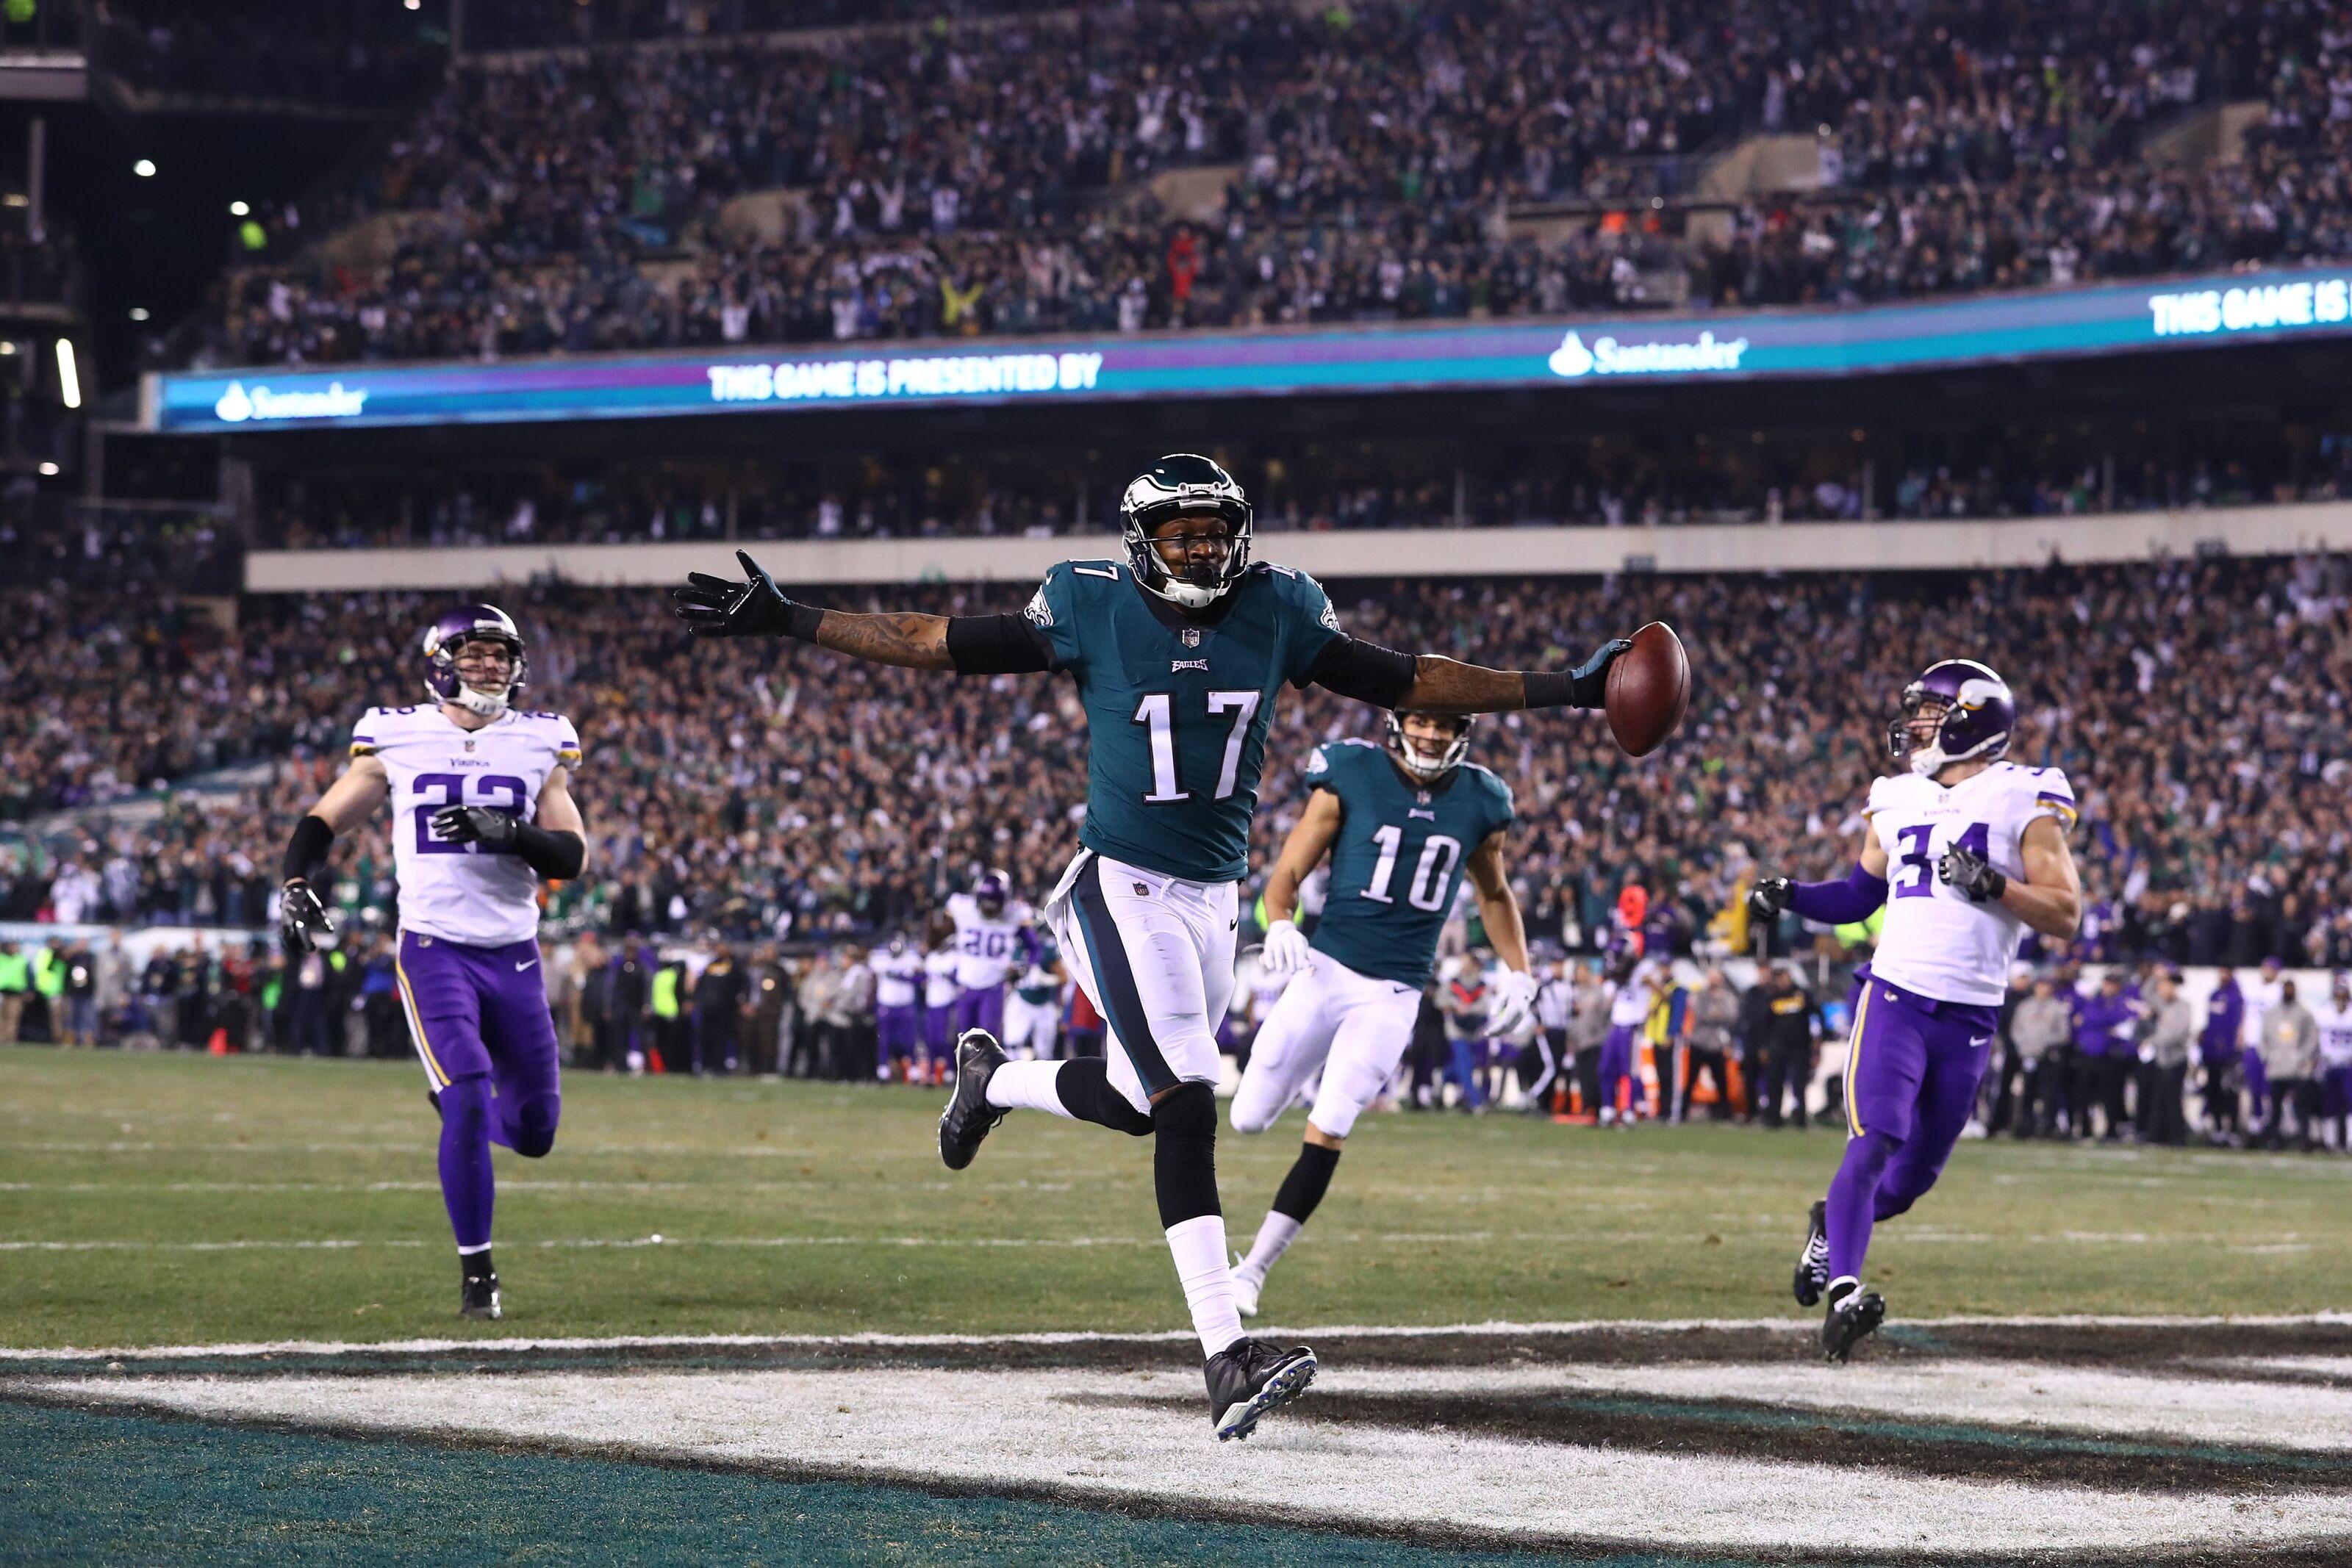 b6fb2cf834a Philadelphia Eagles: Ways to bounce back in Week 5 against Vikings